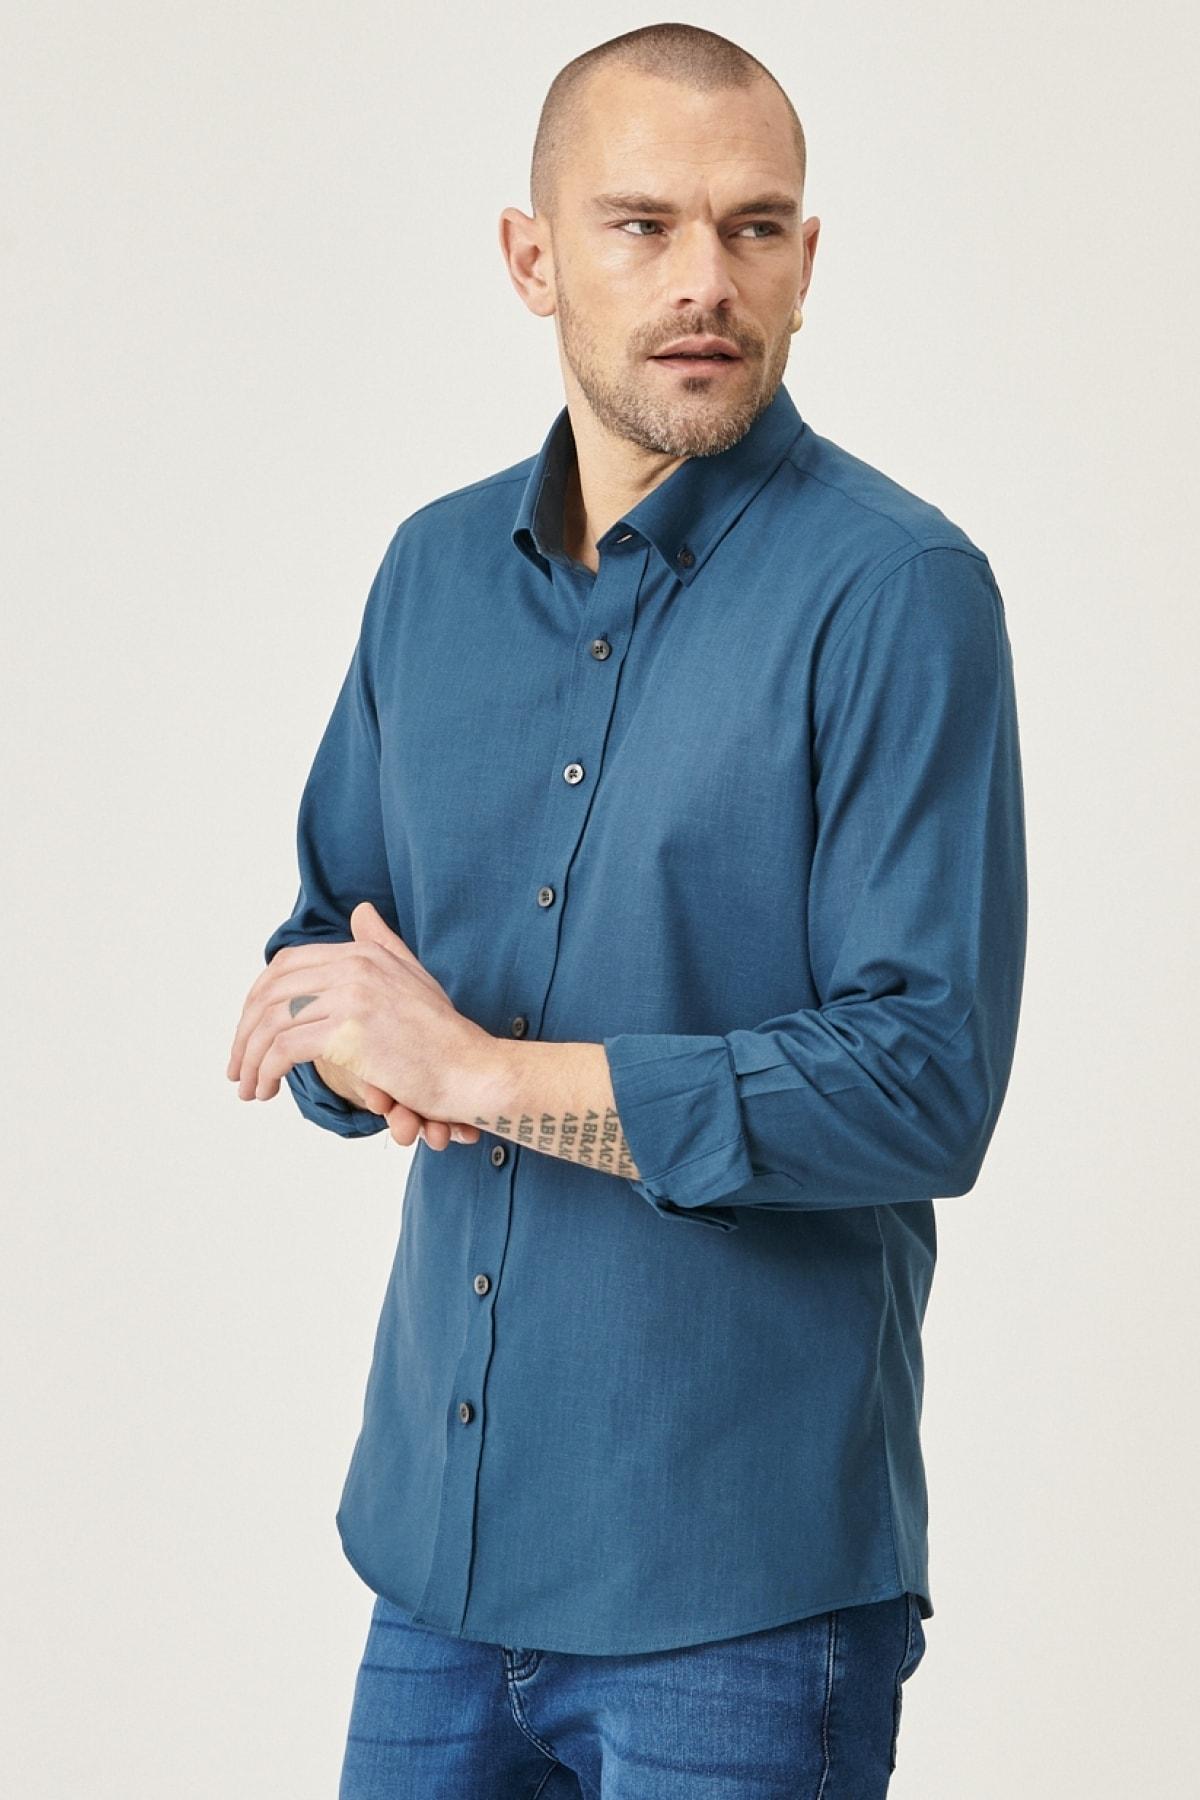 Erkek KOYU PETROL Tailored Slim Fit Dar Kesim Düğmeli Yaka %100 Koton Gömlek